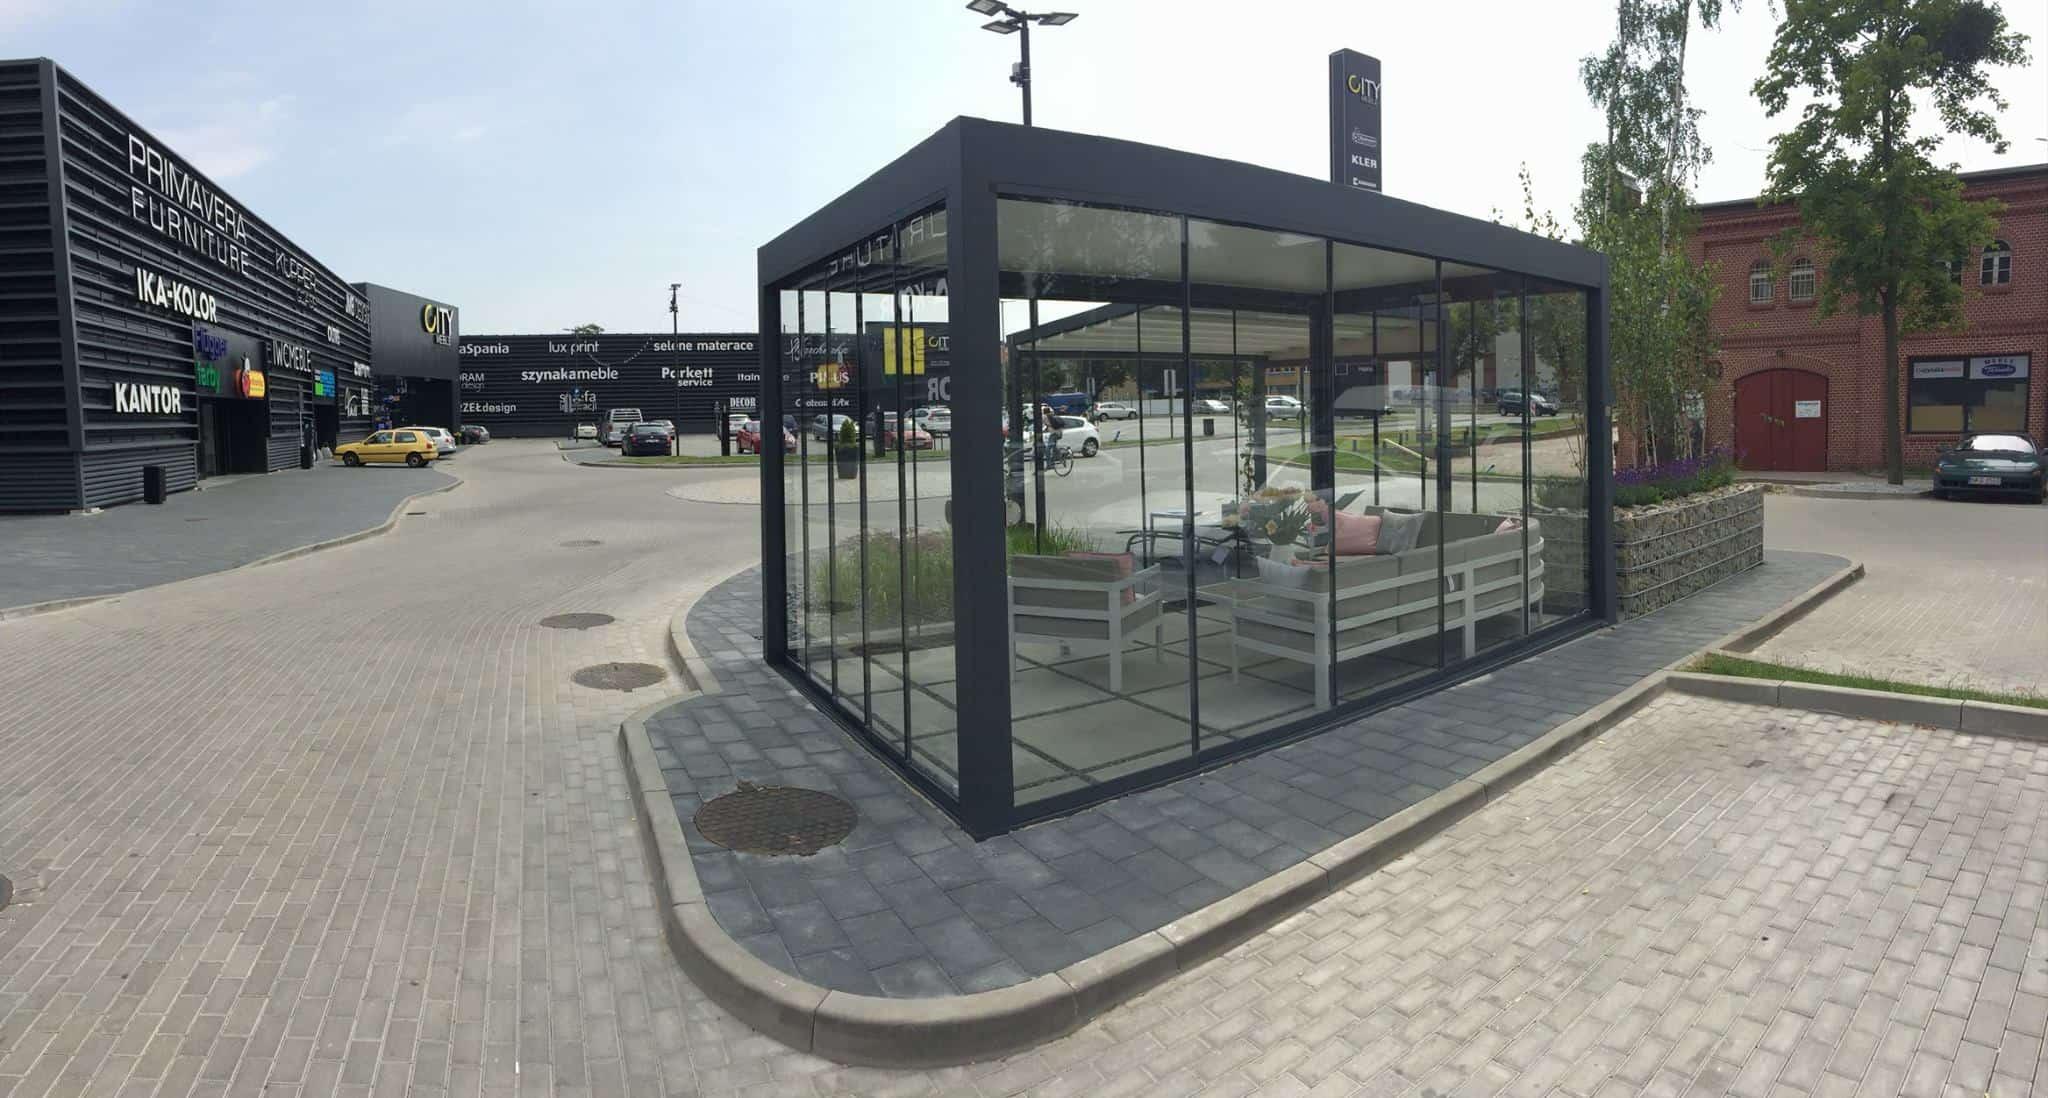 Meble ogrodowe Gdańsk (City Meble)